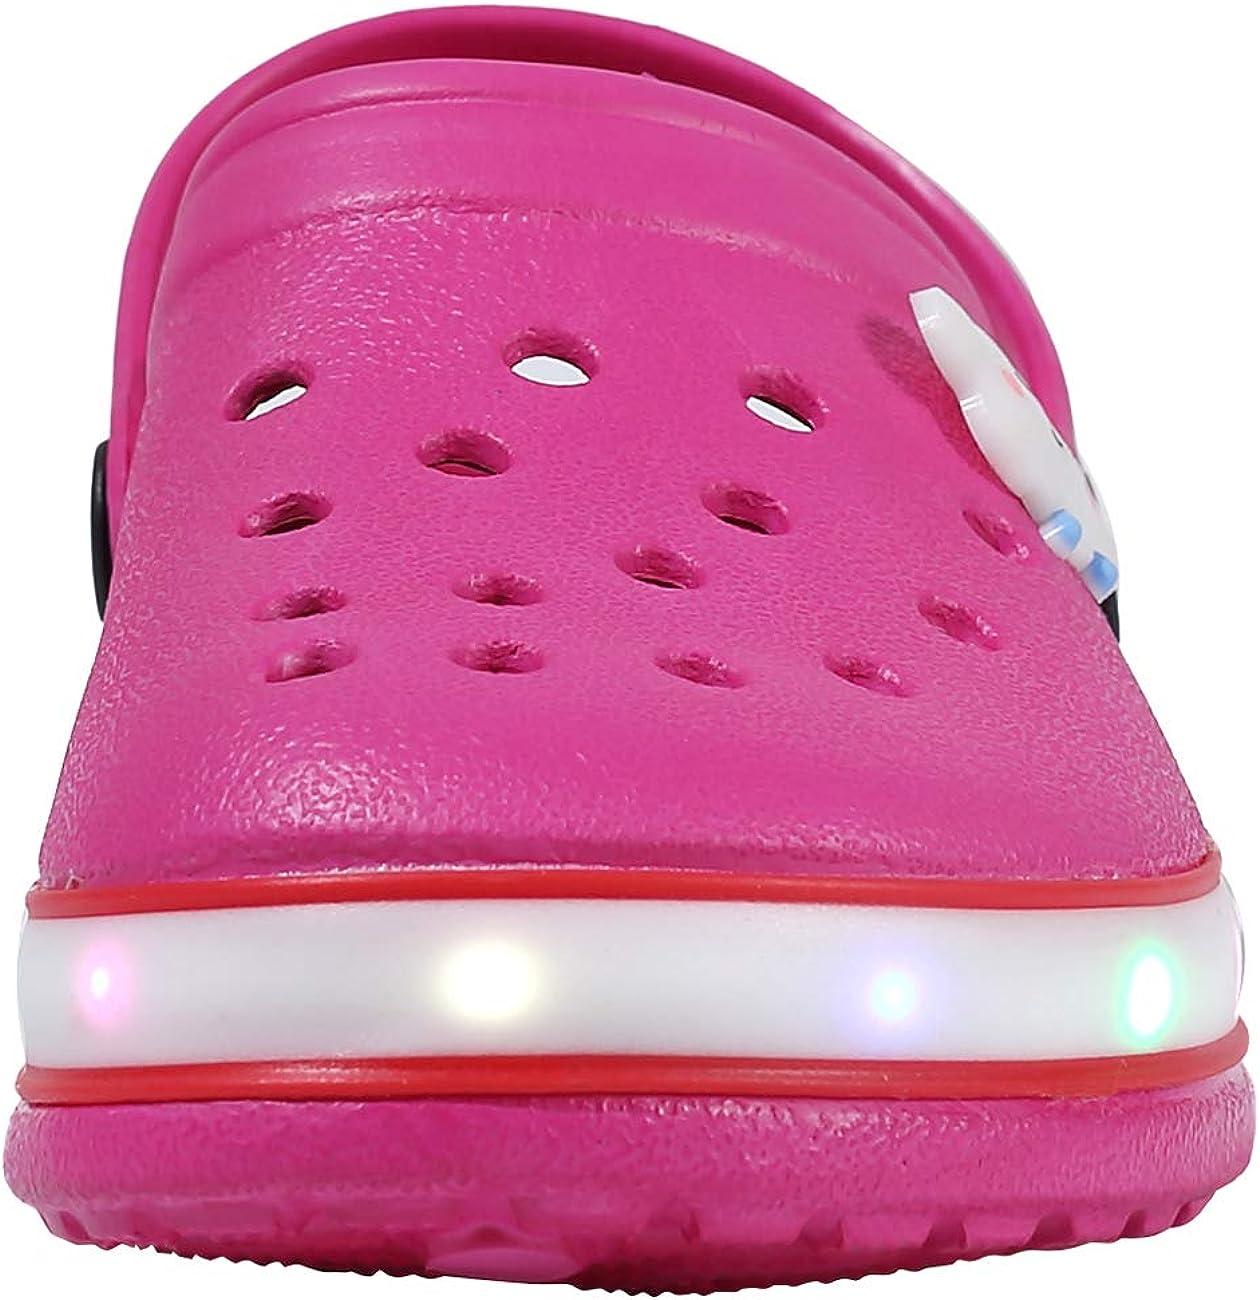 XPKWS Kids Clogs LED Garden Shoes Boys Girls Mules Light up Sandals Slip on Lightweight Non-Slip